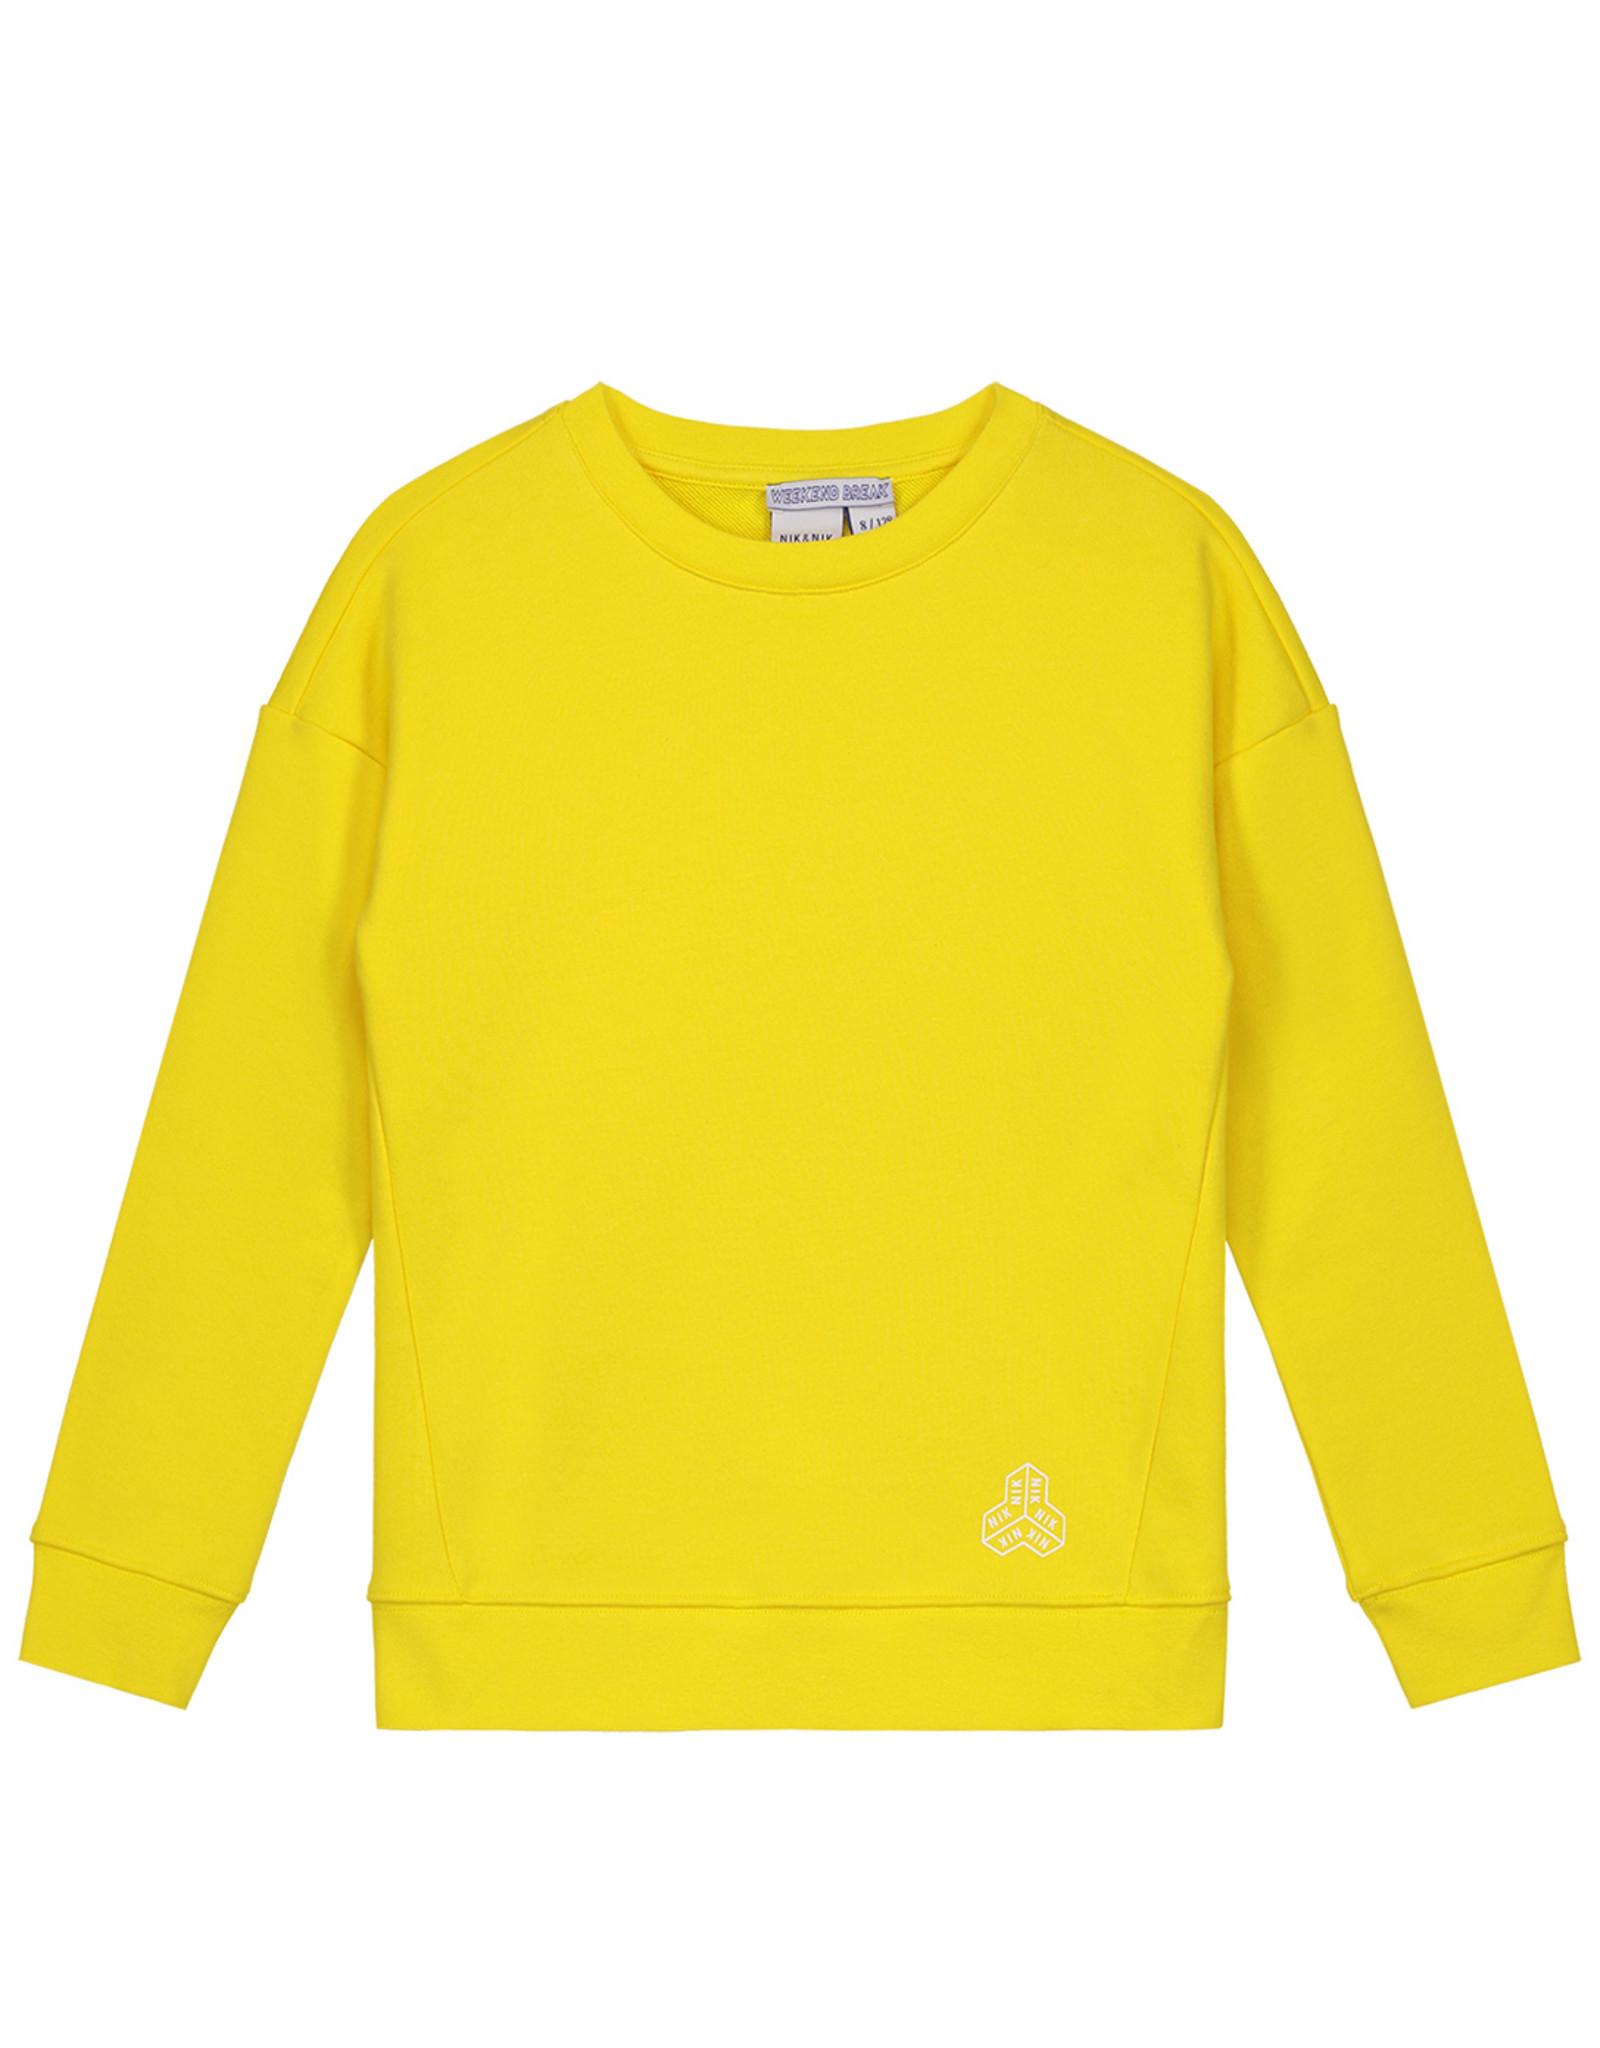 Nik&Nik - Max sweater